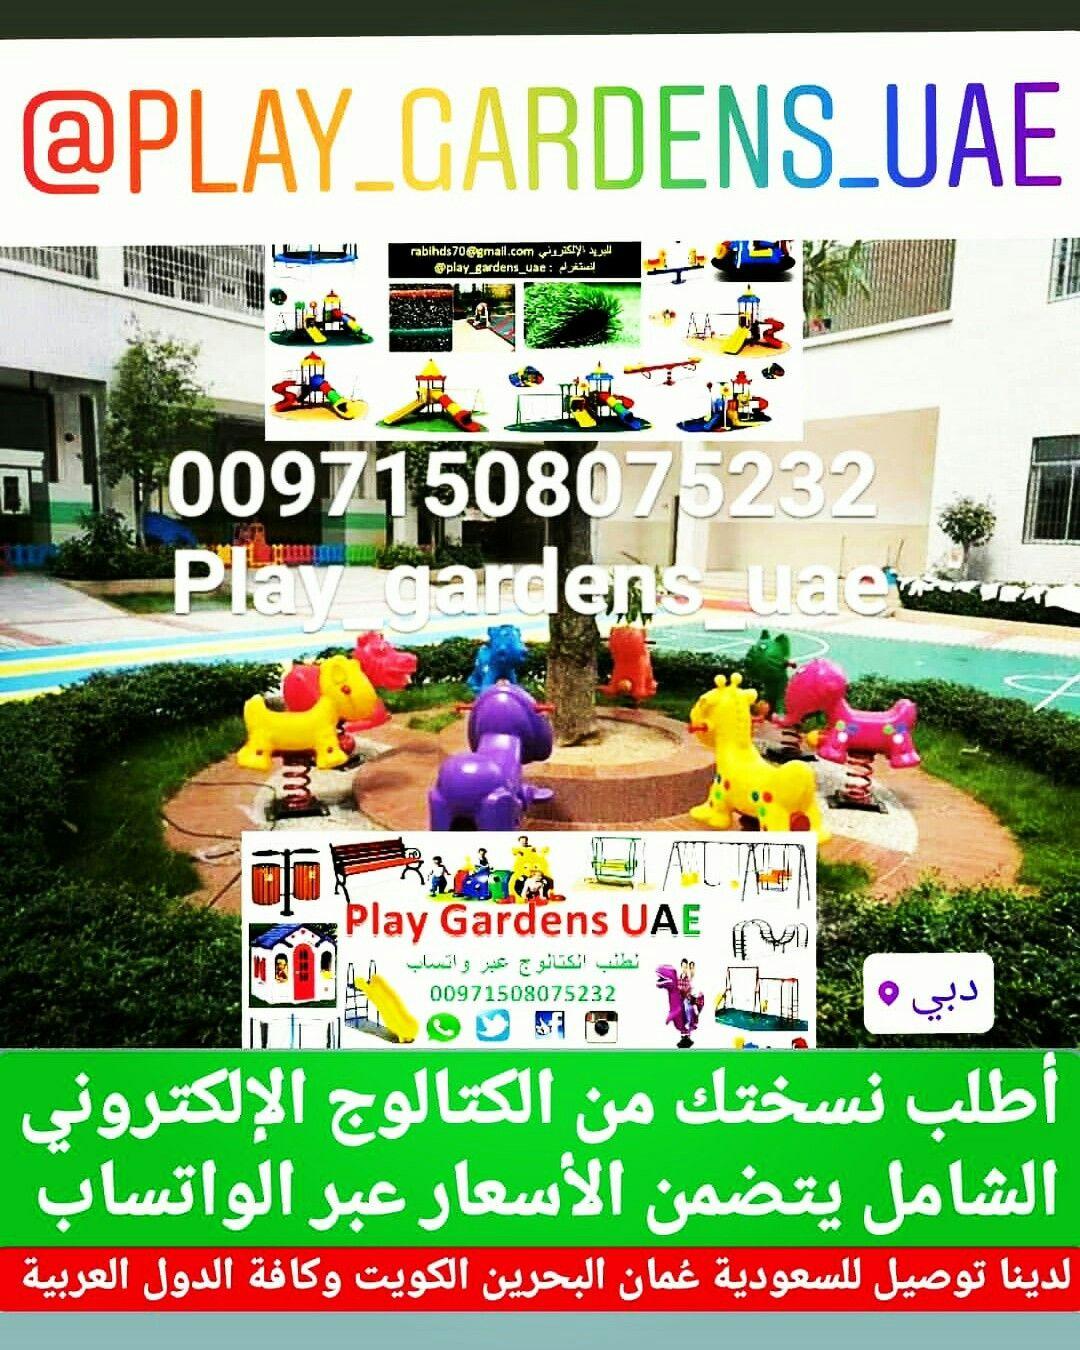 Pin By العاب حدائق بالإمارات On العاب حدائق العاب اطفال العاب للاطفال العاب حدائق منزلية عامة 00971508075232 Play Garden Issa